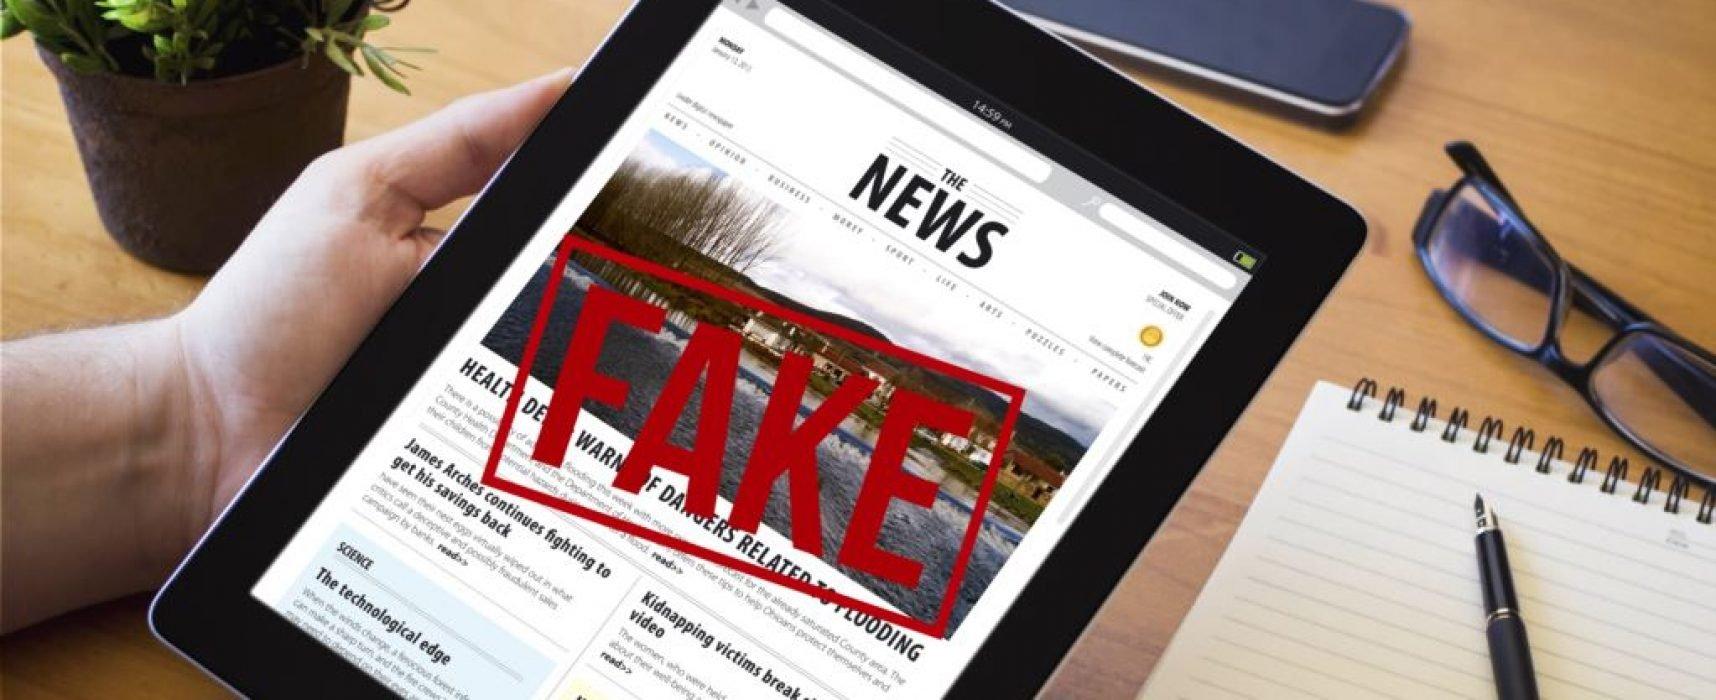 Камуфляж для пропаганды: как СМИ и соцсети помогают кремлевской дезинформации